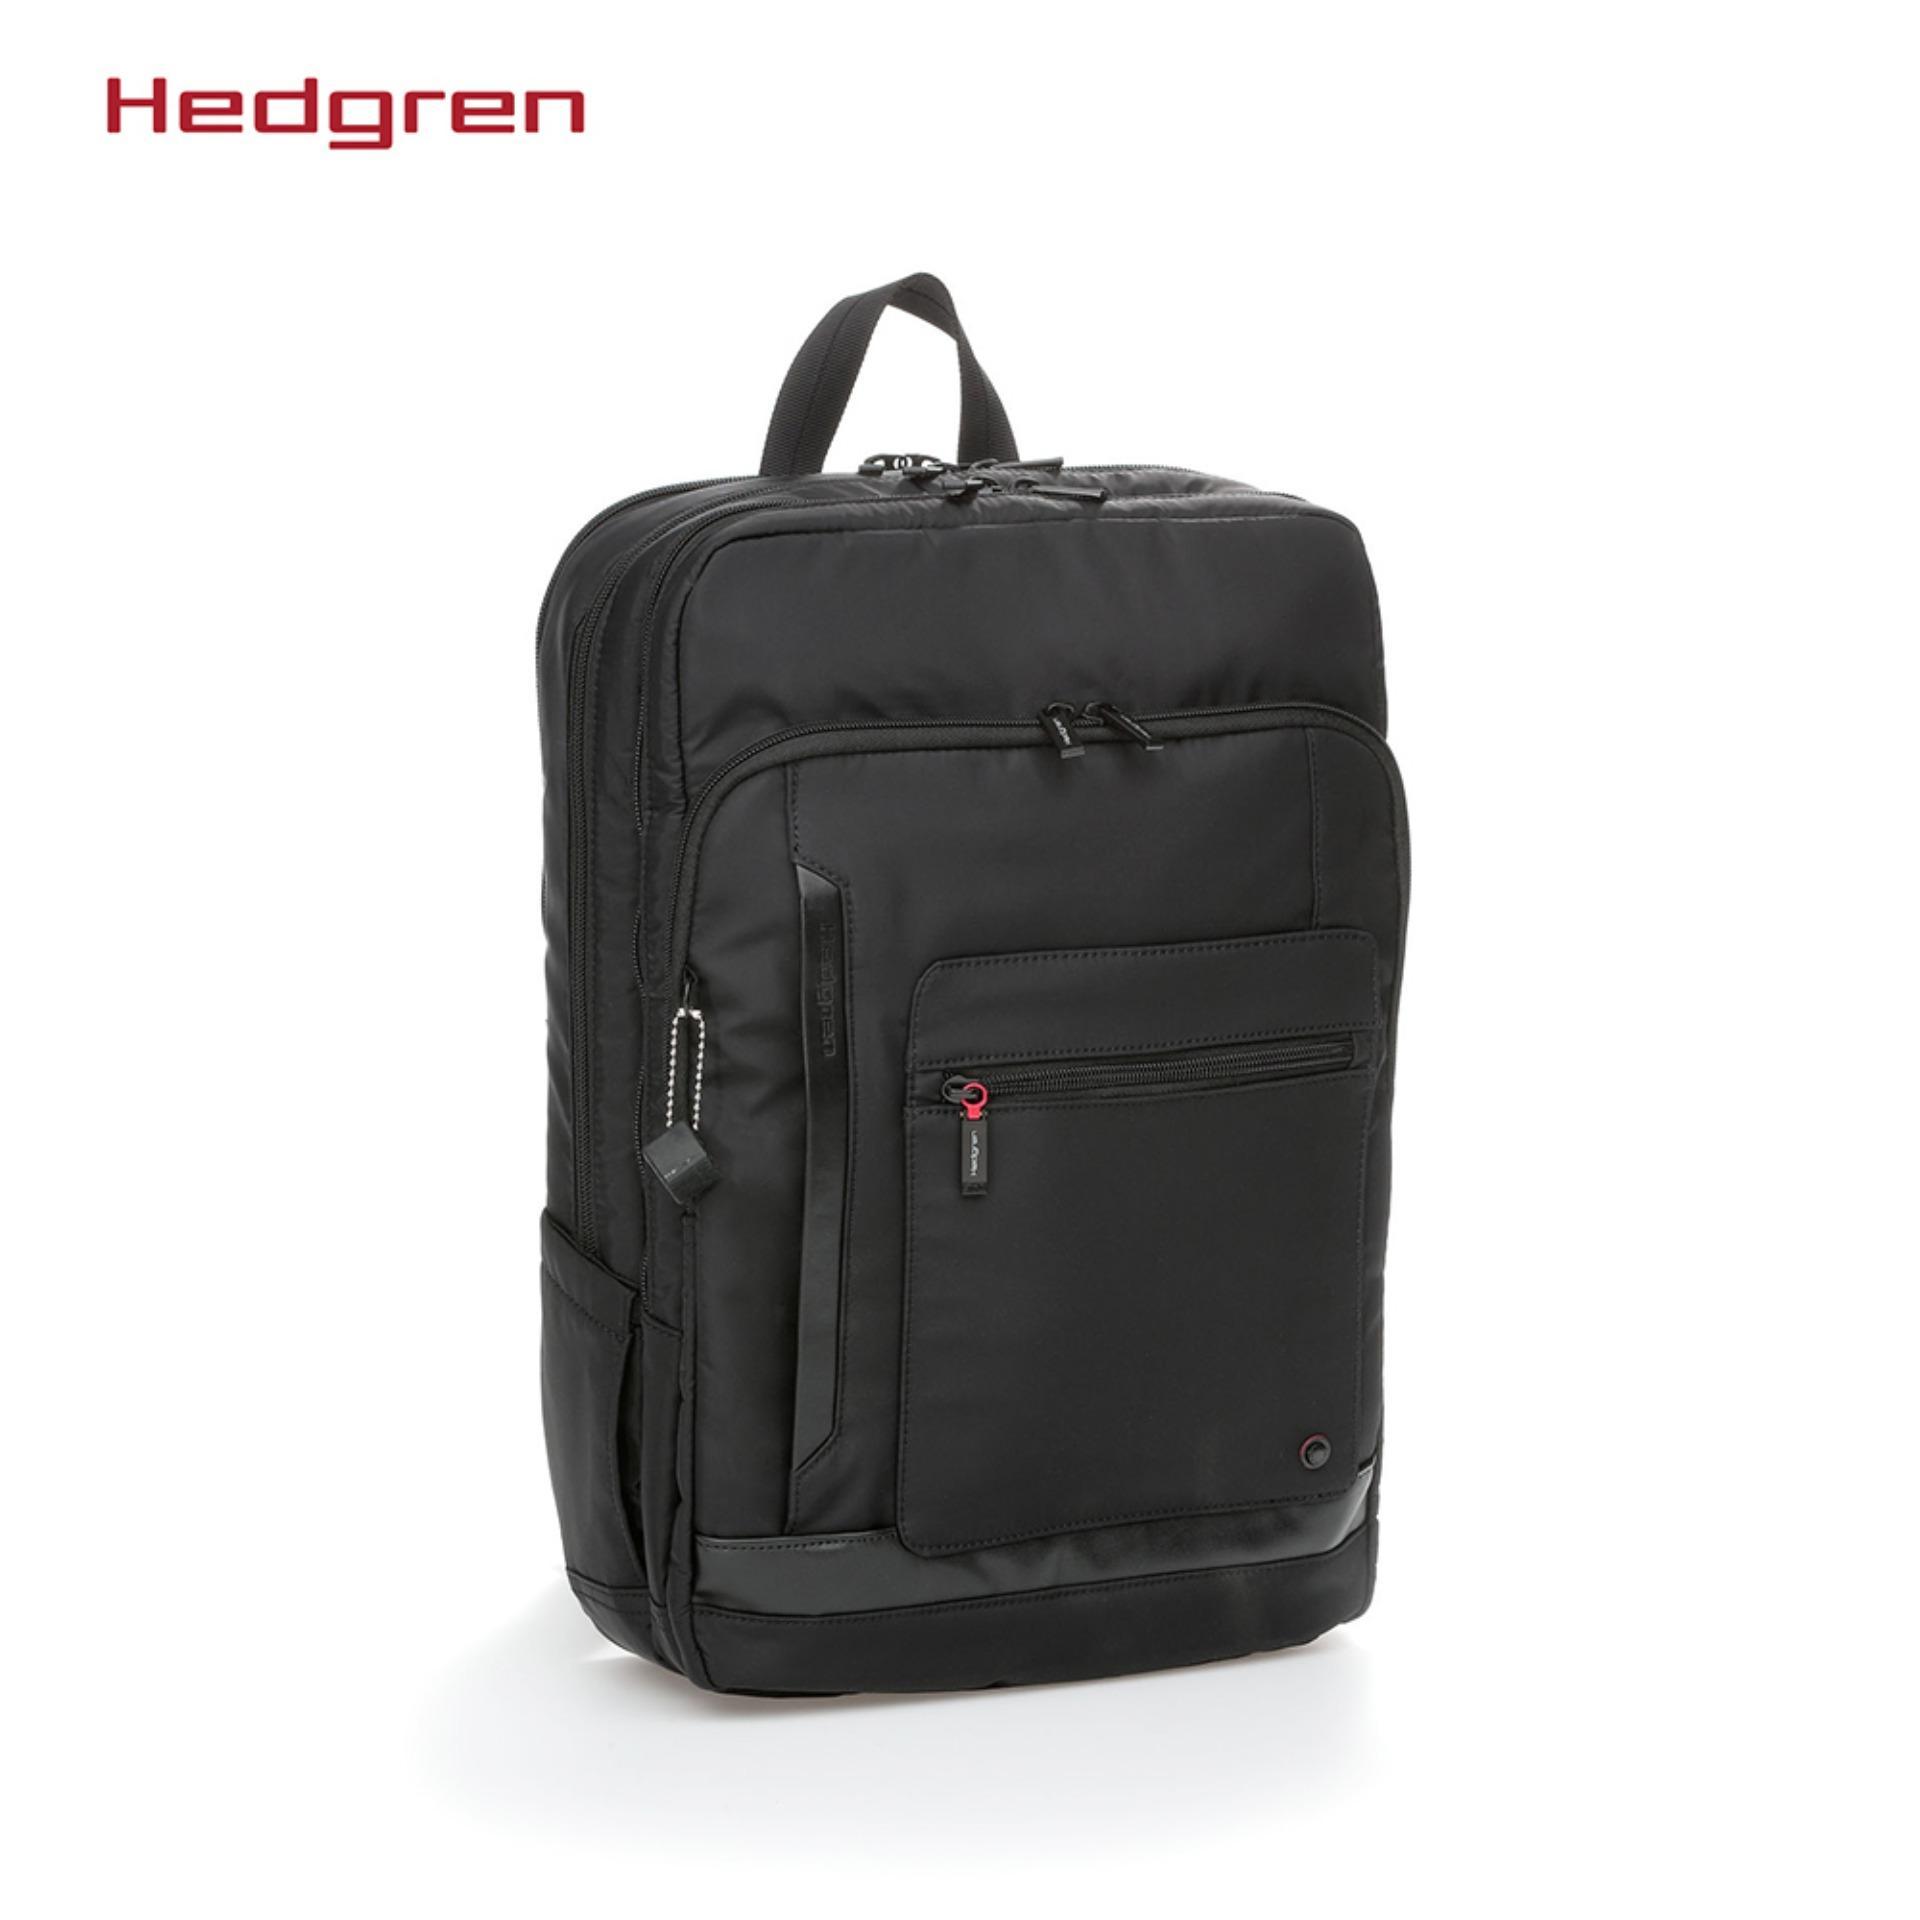 Hedgren Philippines  Hedgren price list - Shoulder Bags 6cb9d9821e